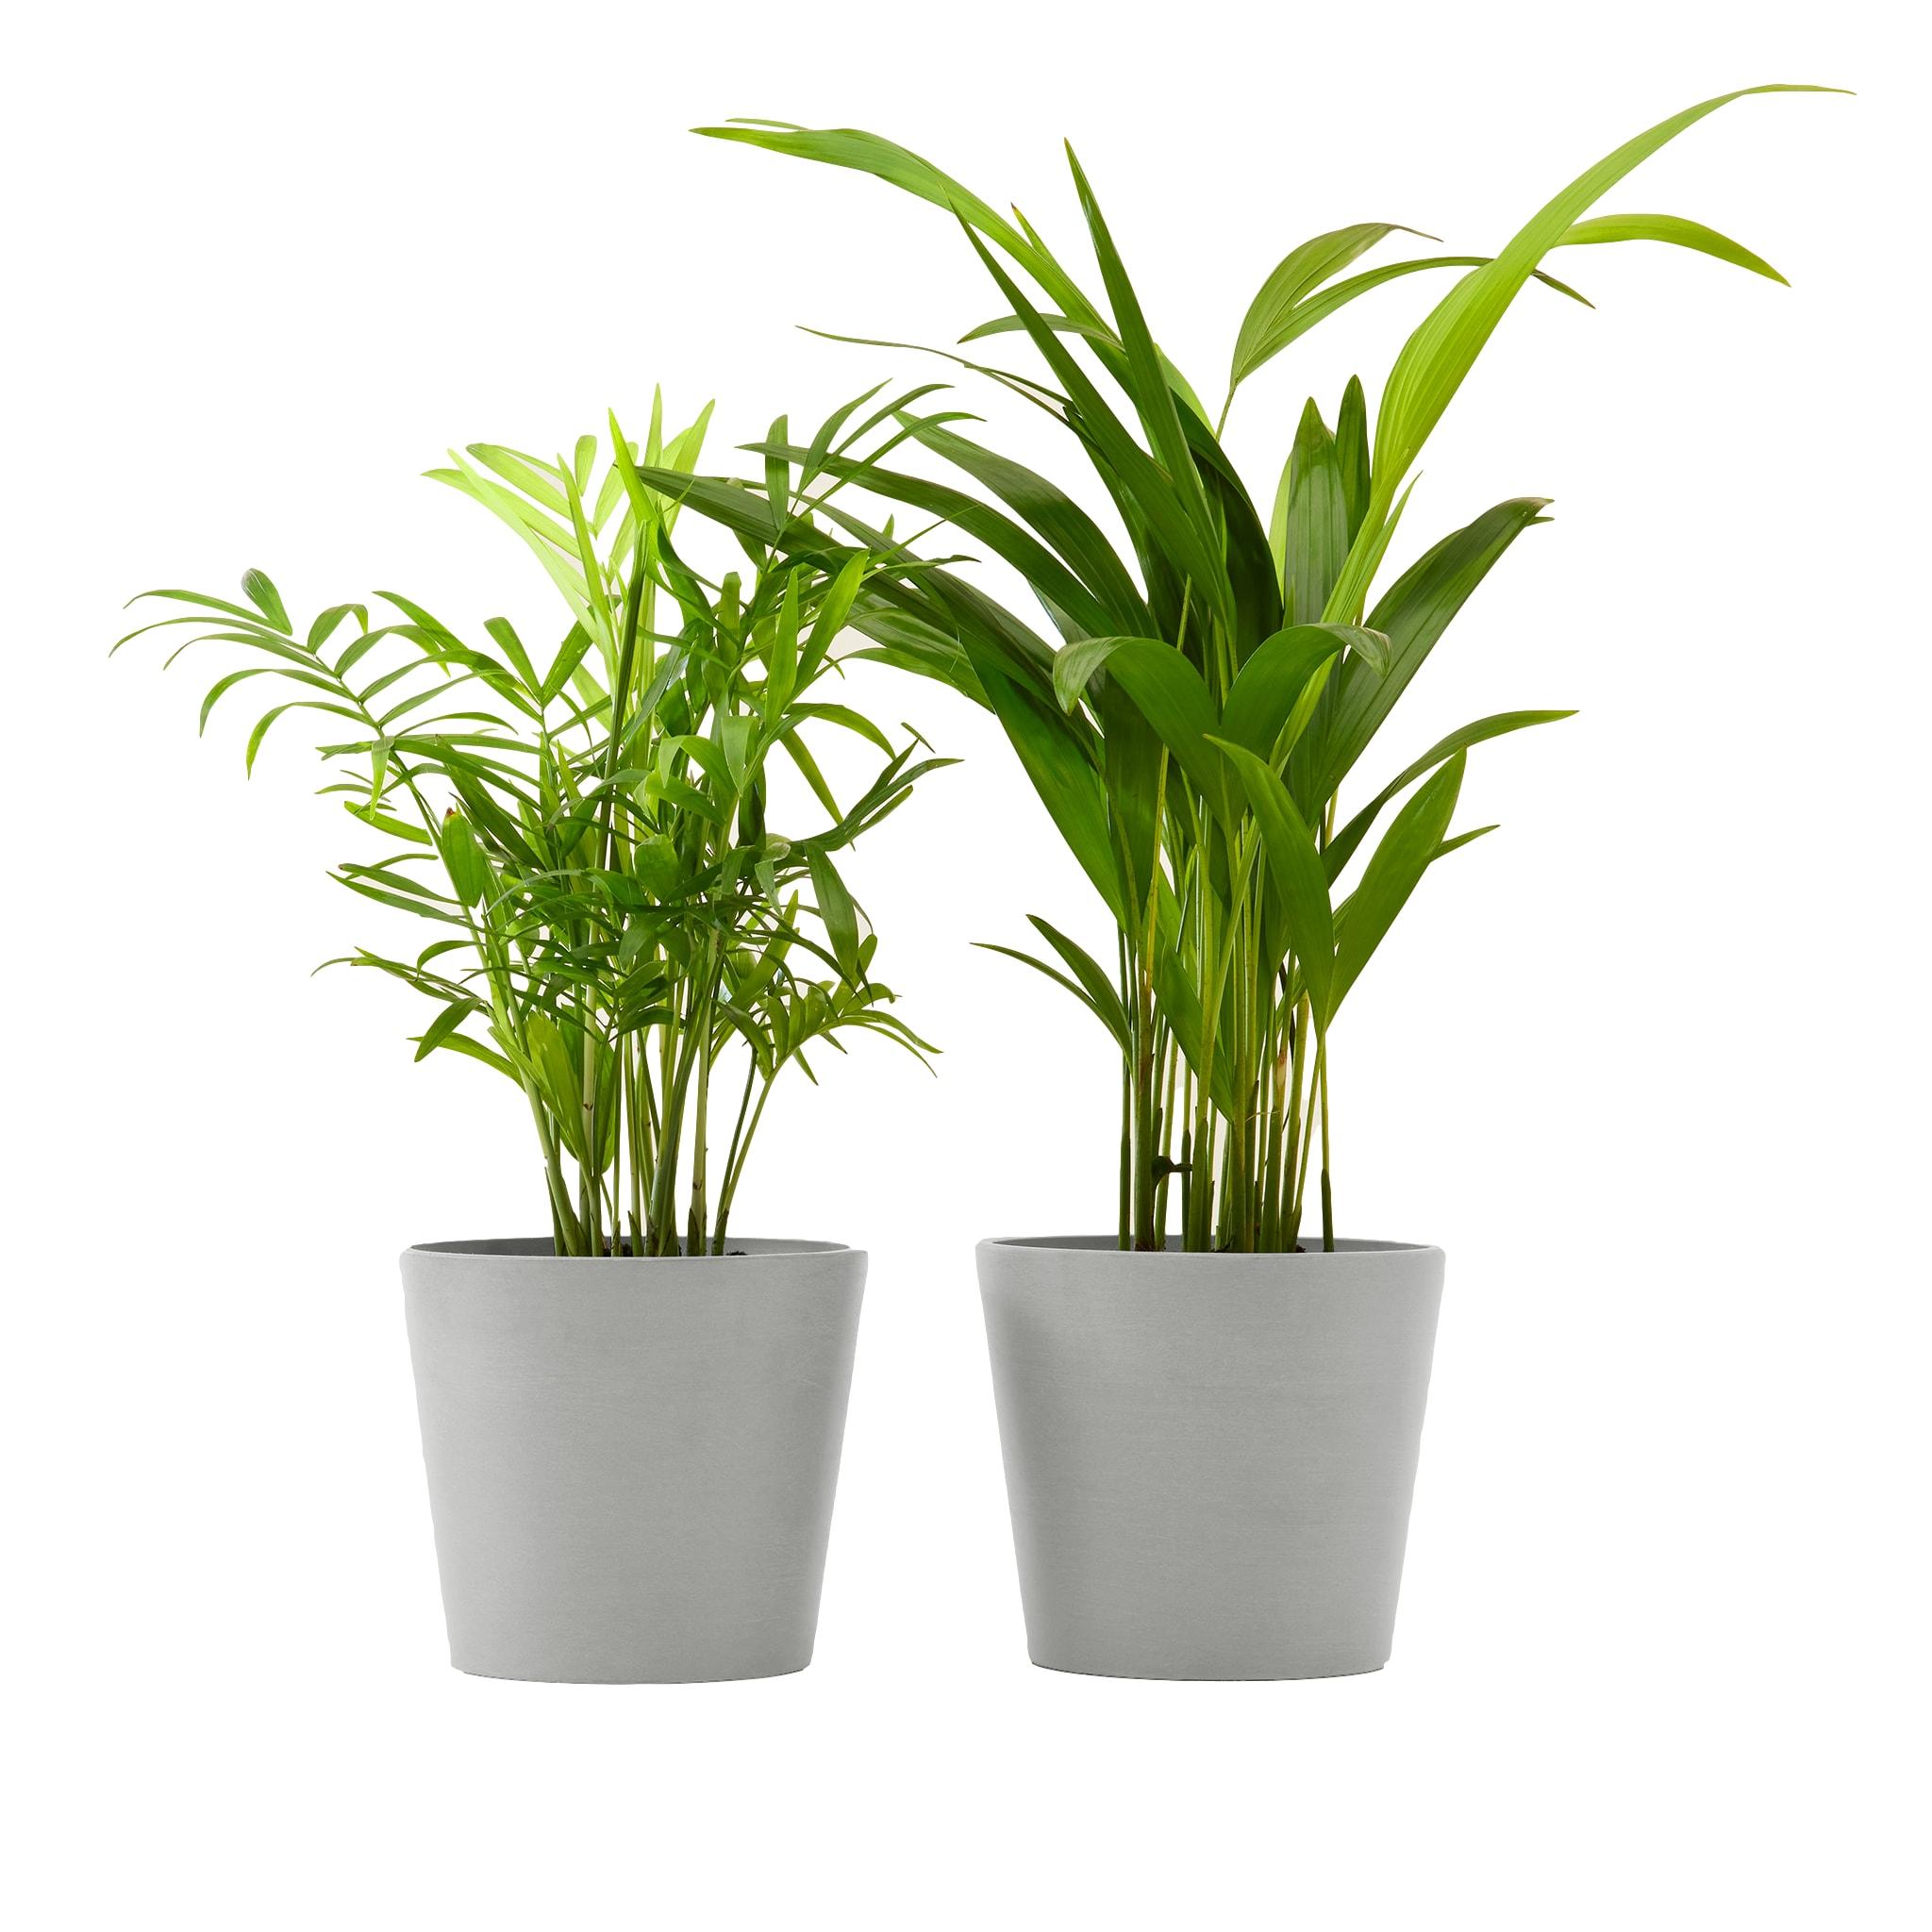 Plante x2 - Palmier areca et chamedora 40 cm pot blanc gris